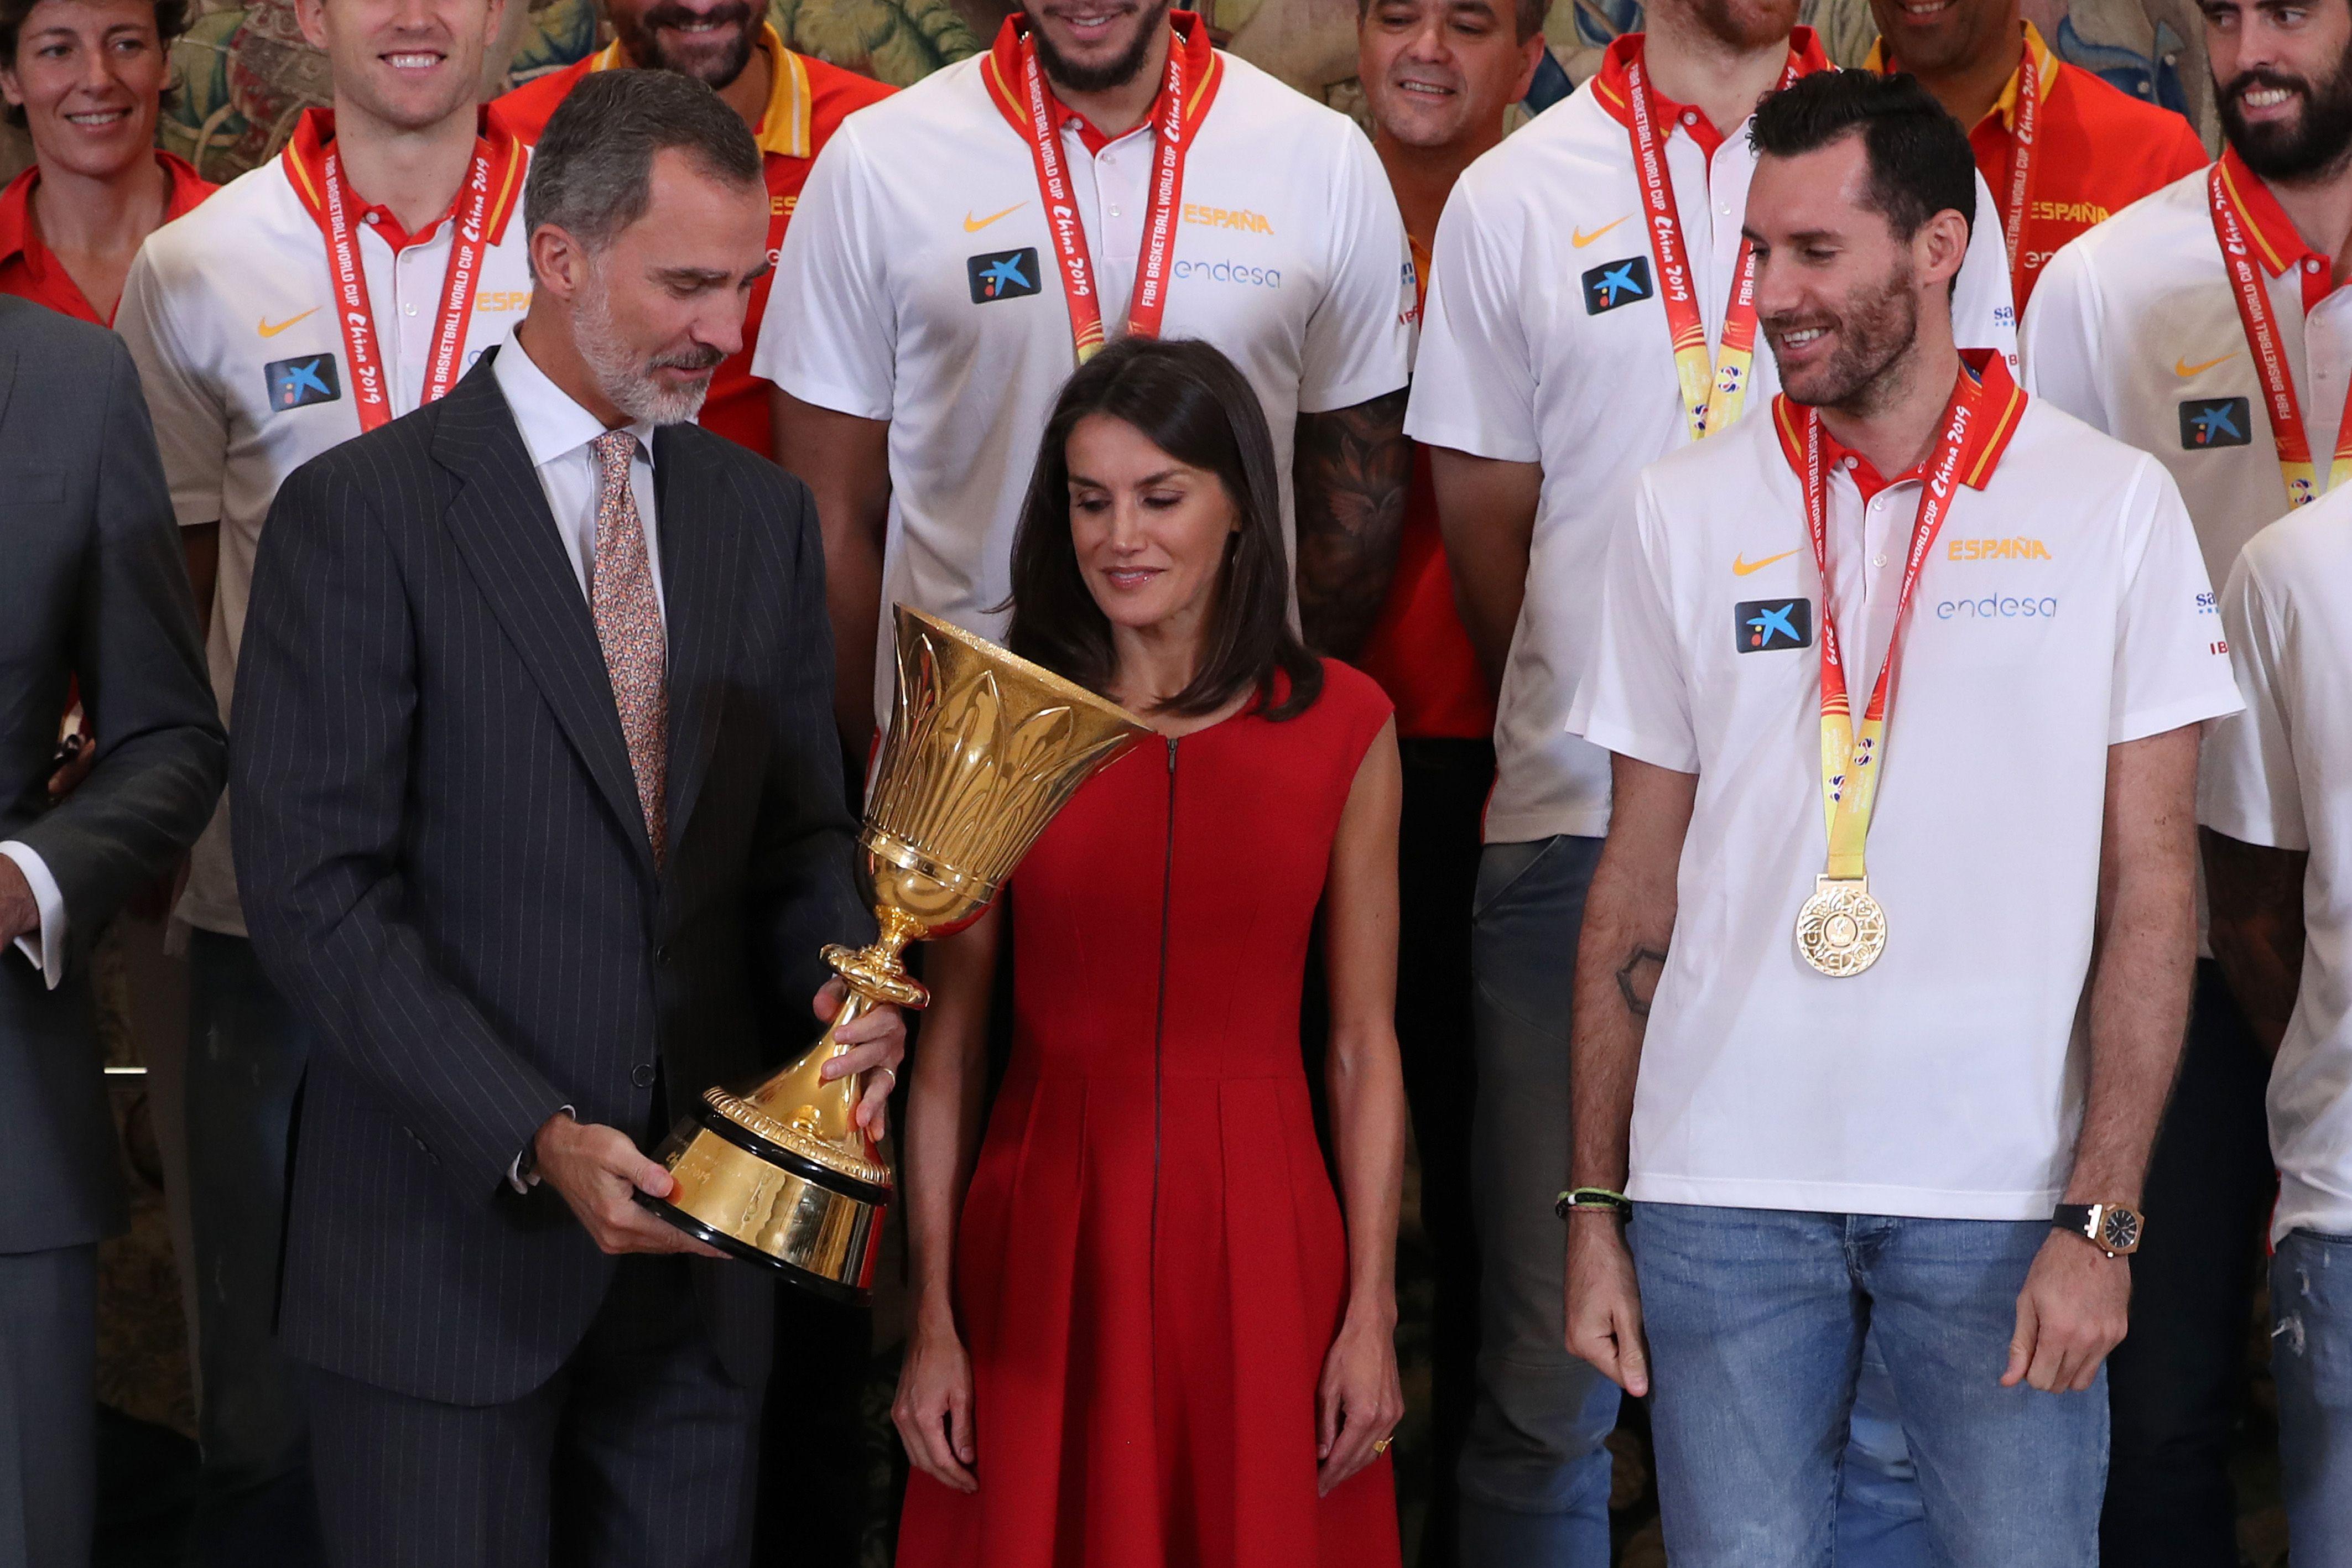 Los Reyes de España reciben a los Campeones del Mundo de baloncesto